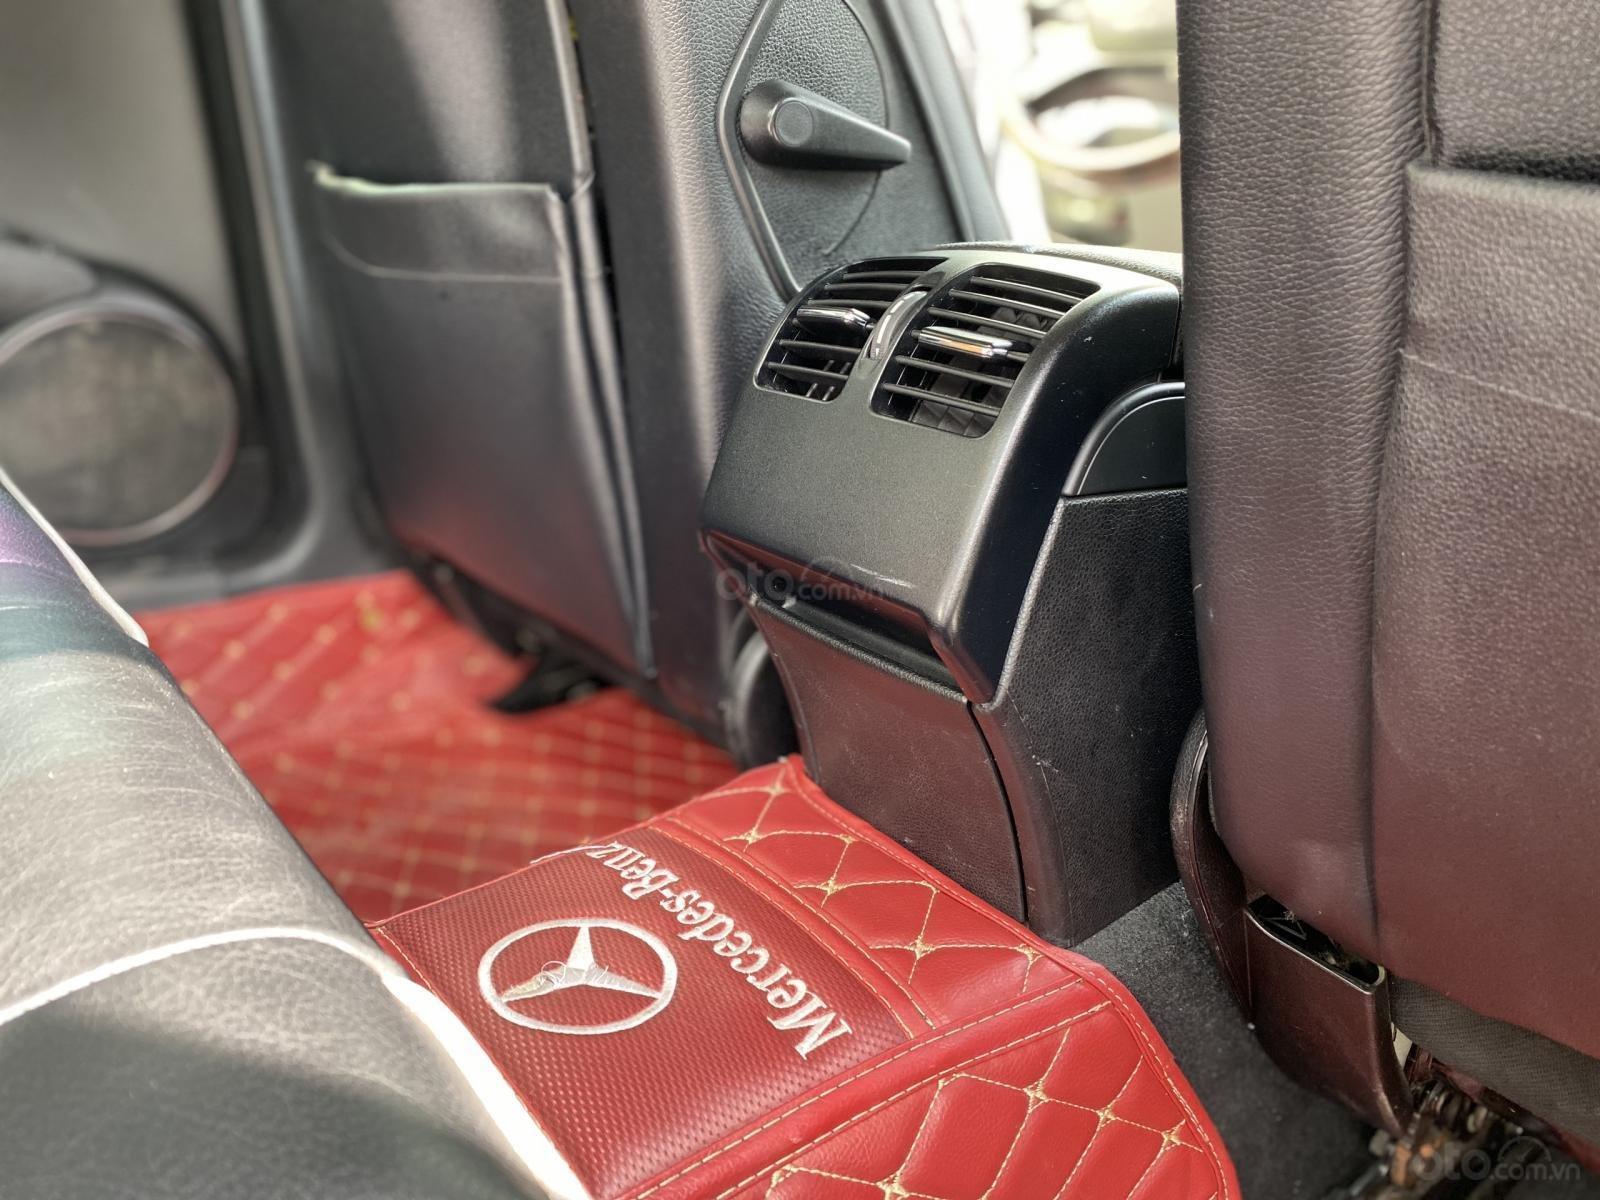 Bán Mercedes C200 sản xuất 2011, đăng kí 2012, giá cực tốt (8)